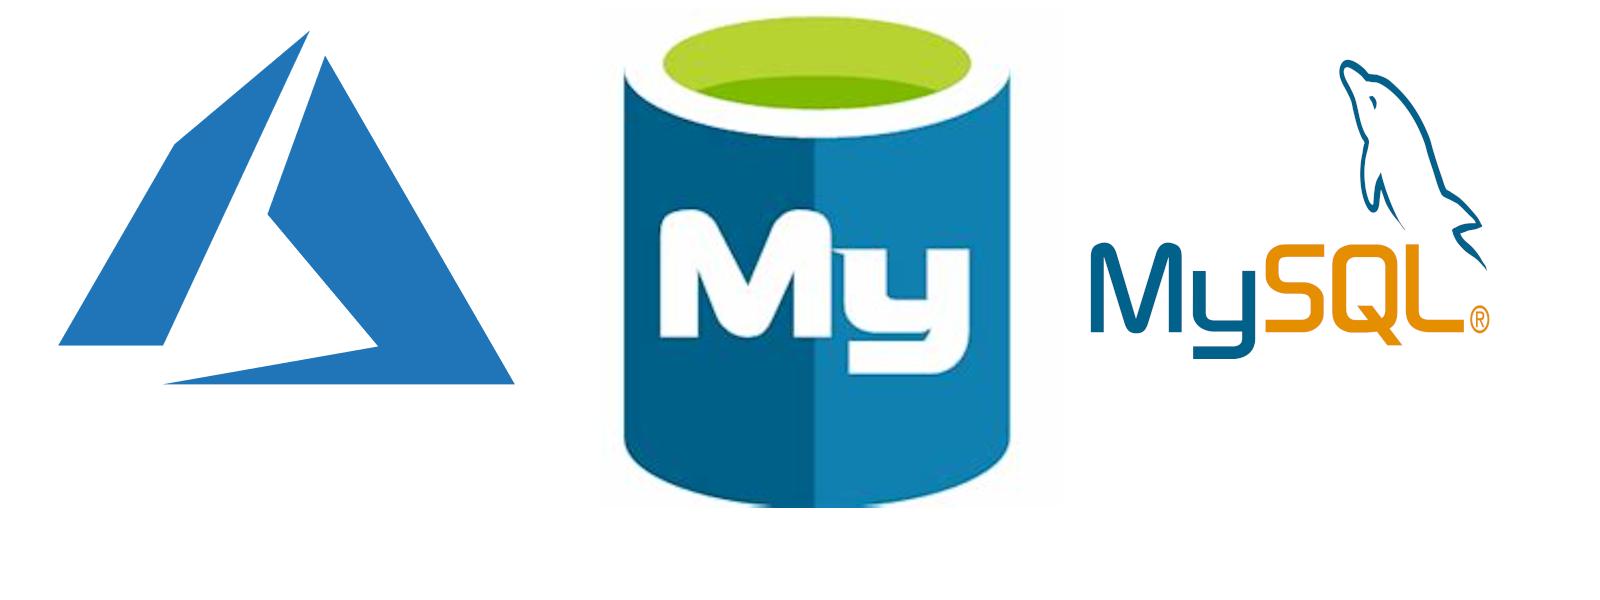 Azure MySQL vs. MySQL 8.0 Enterprise: A Comparison